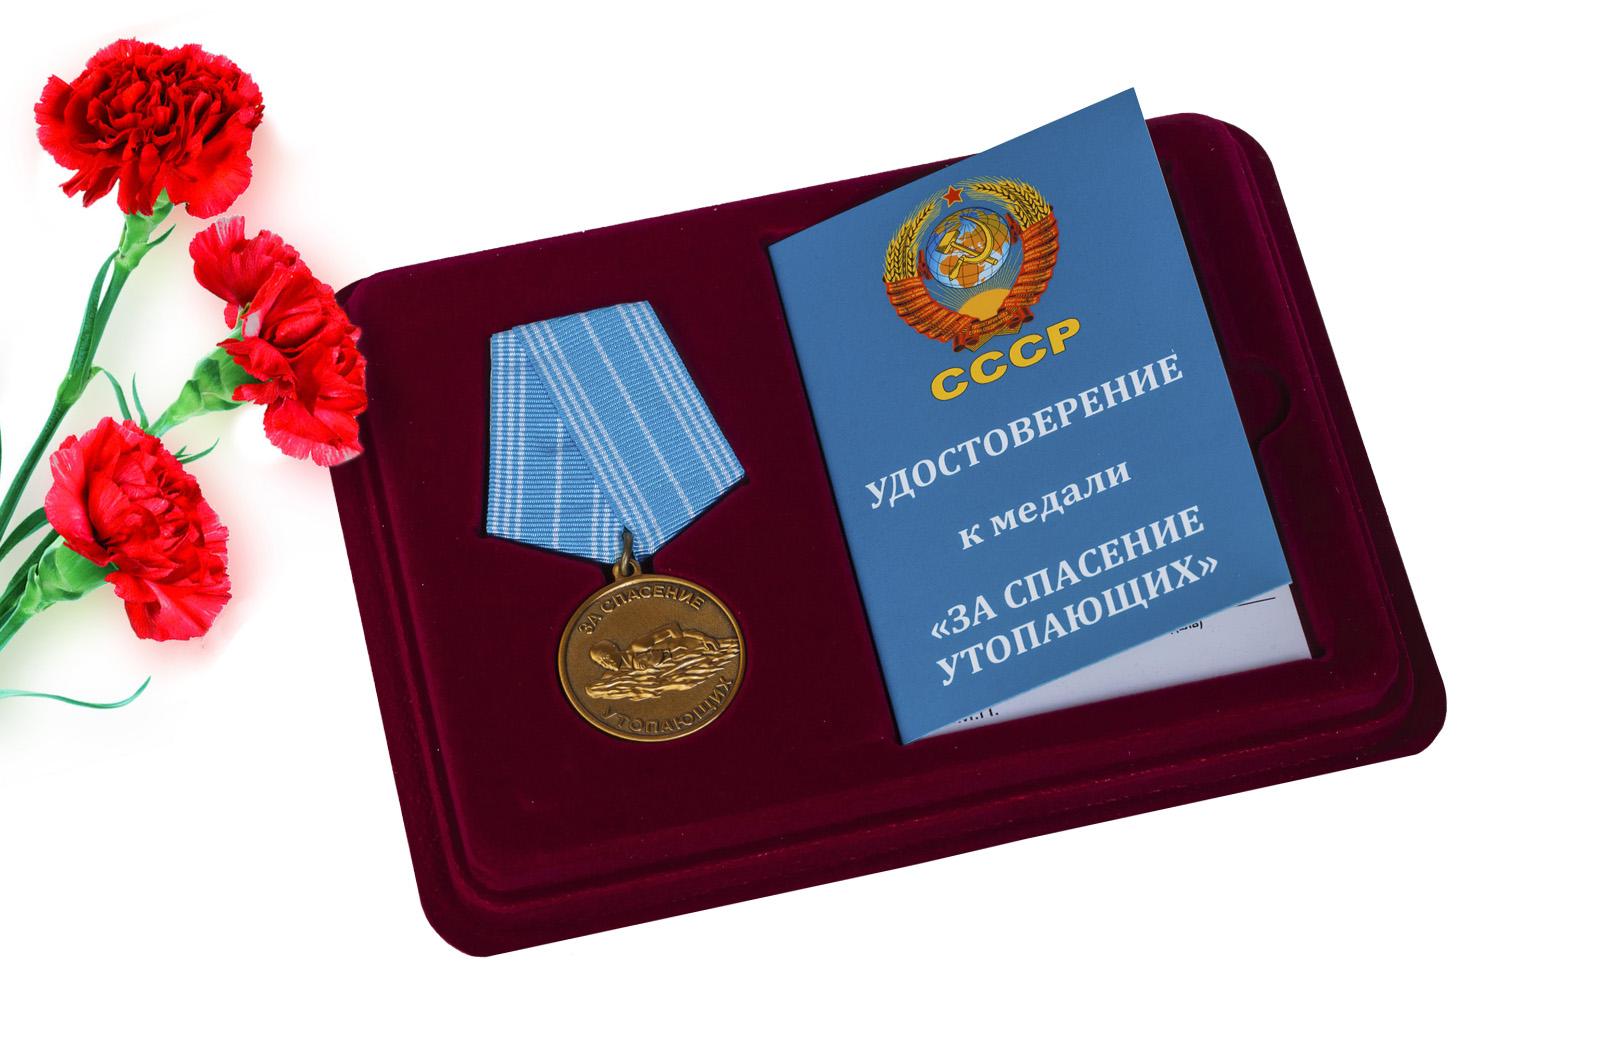 Купить медаль СССР За спасение утопающих онлайн с доставкой